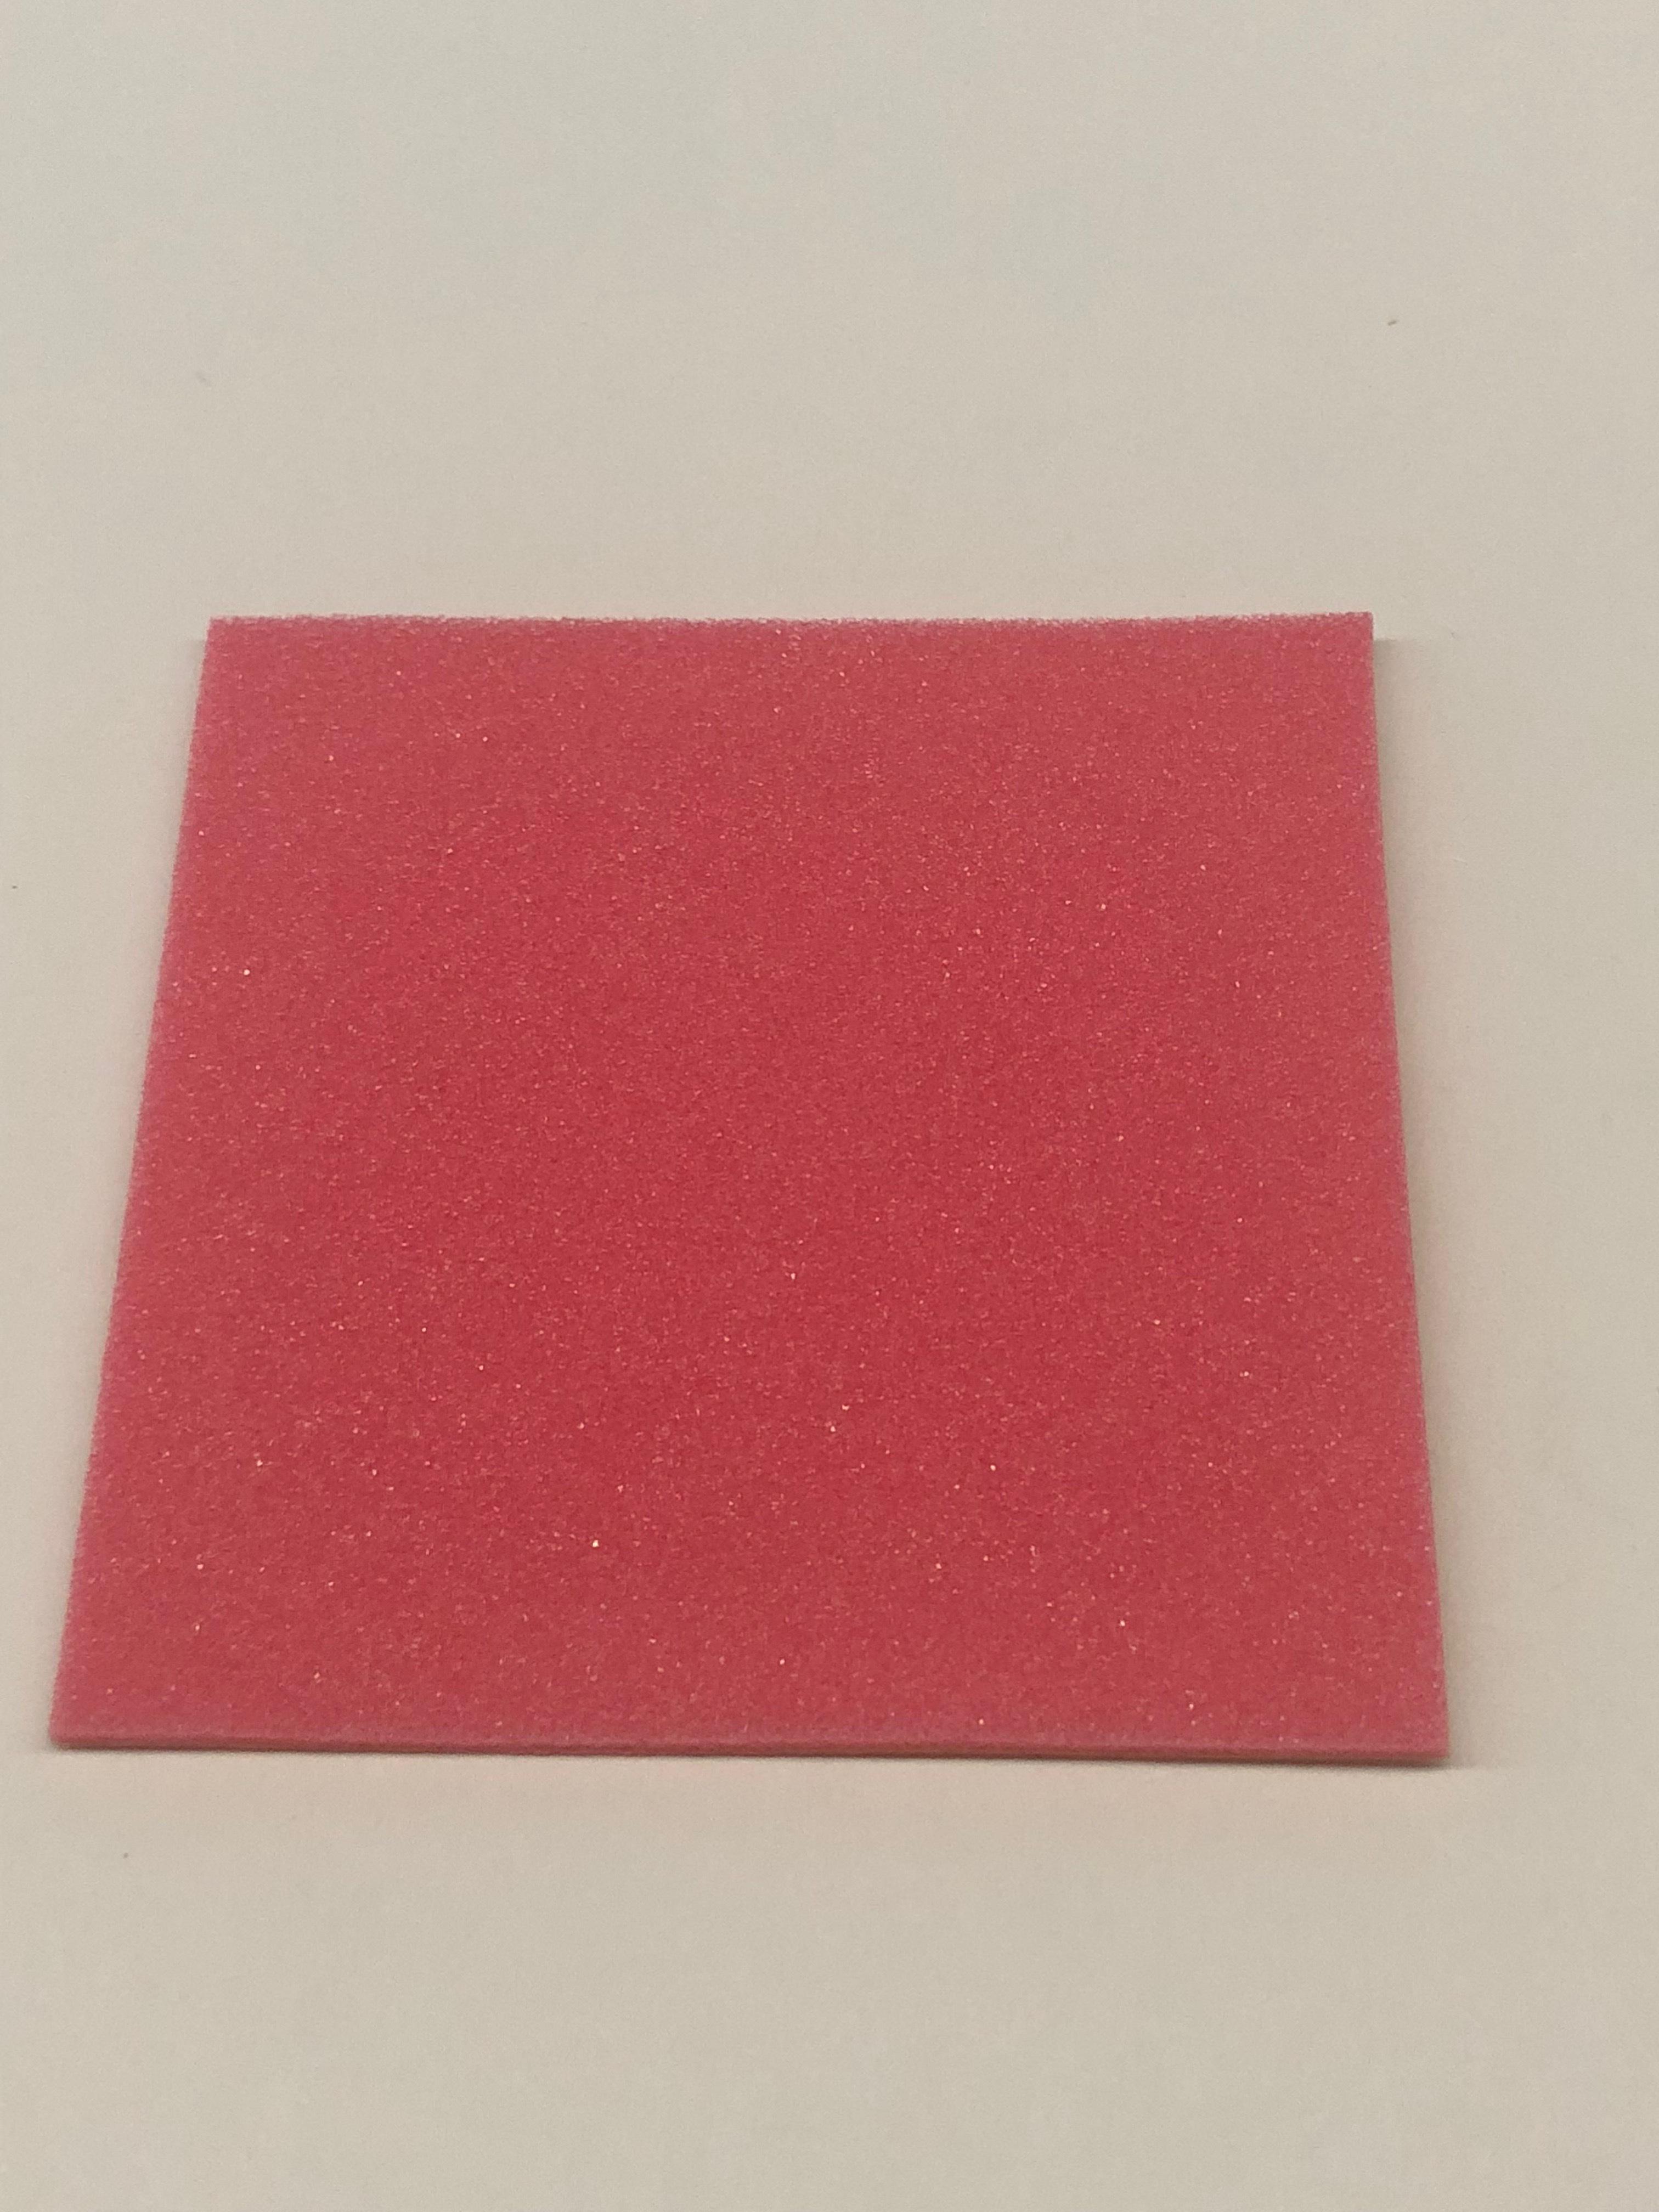 ブレーキスポンジ ピンク 1mm 1枚